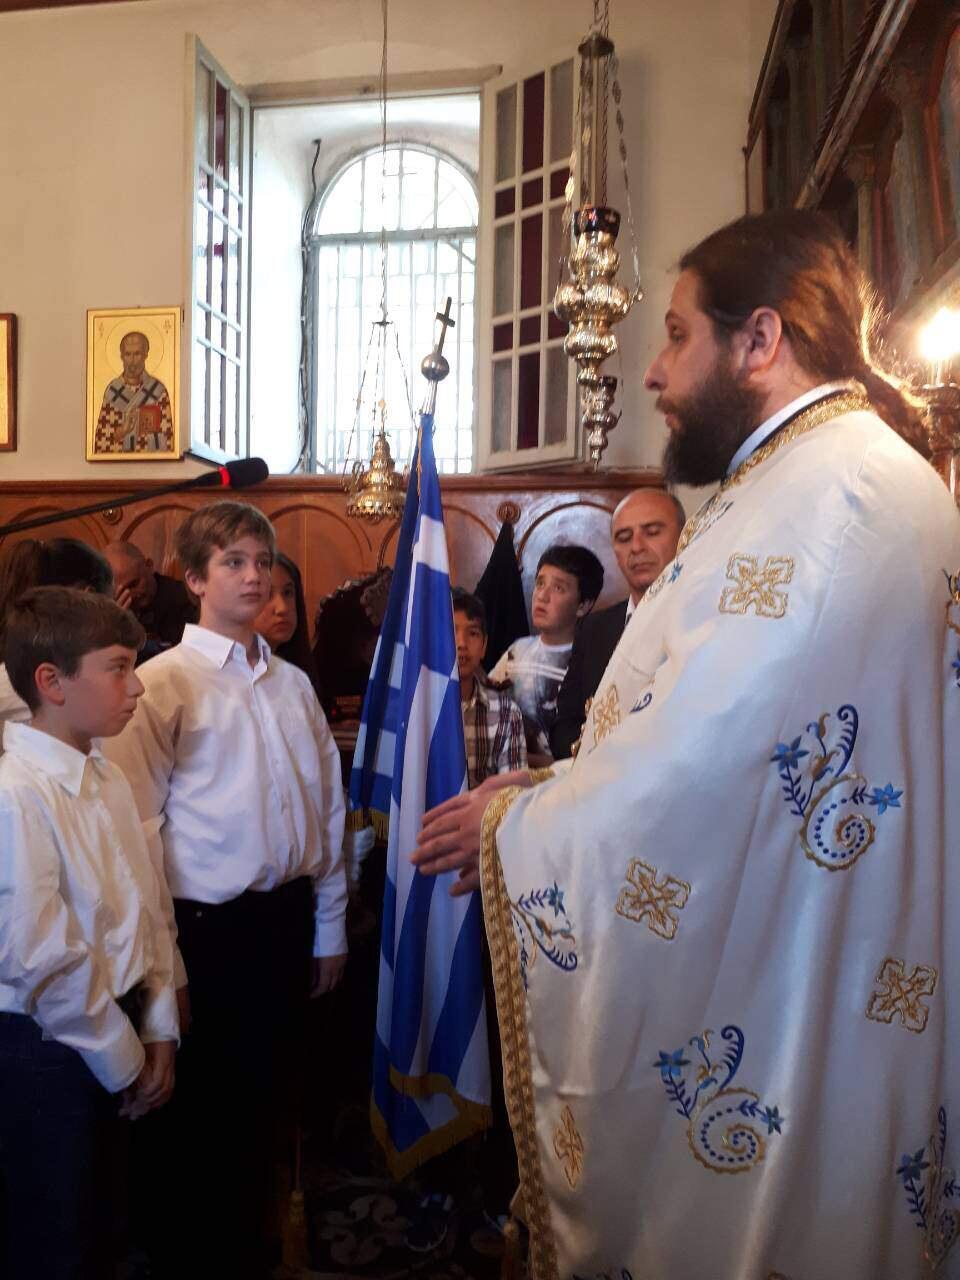 λατρευτικές εκδηλώσεις ιερού λειψάνου Αγίου Νικολάου Κοινοβιακή Μονή Ιρά Αθανίου